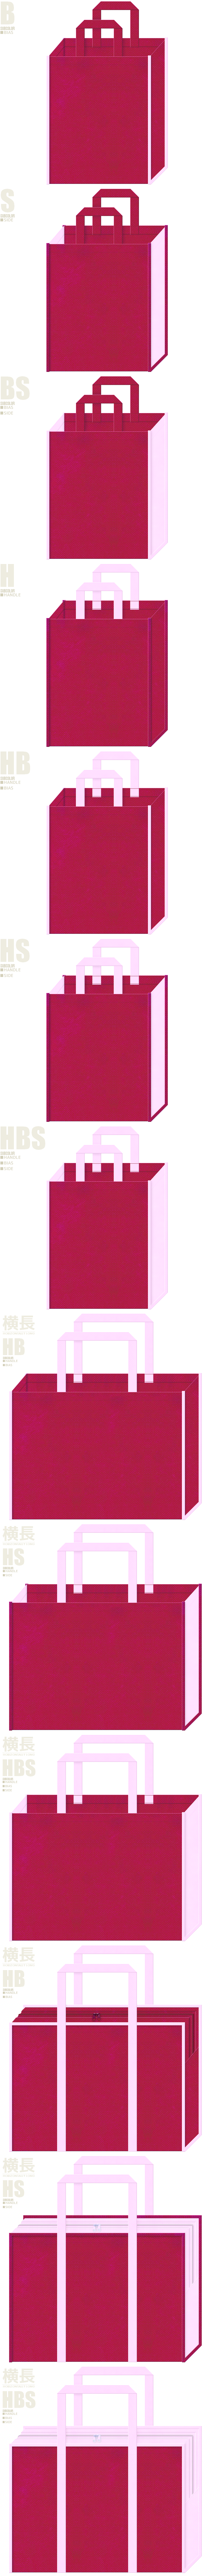 花束・マーメイド・プリティー・ピエロ・女王様・プリンセス・ガーリーデザインにお奨めの不織布バッグデザイン:濃いピンク色と明るいピンク色の配色7パターン